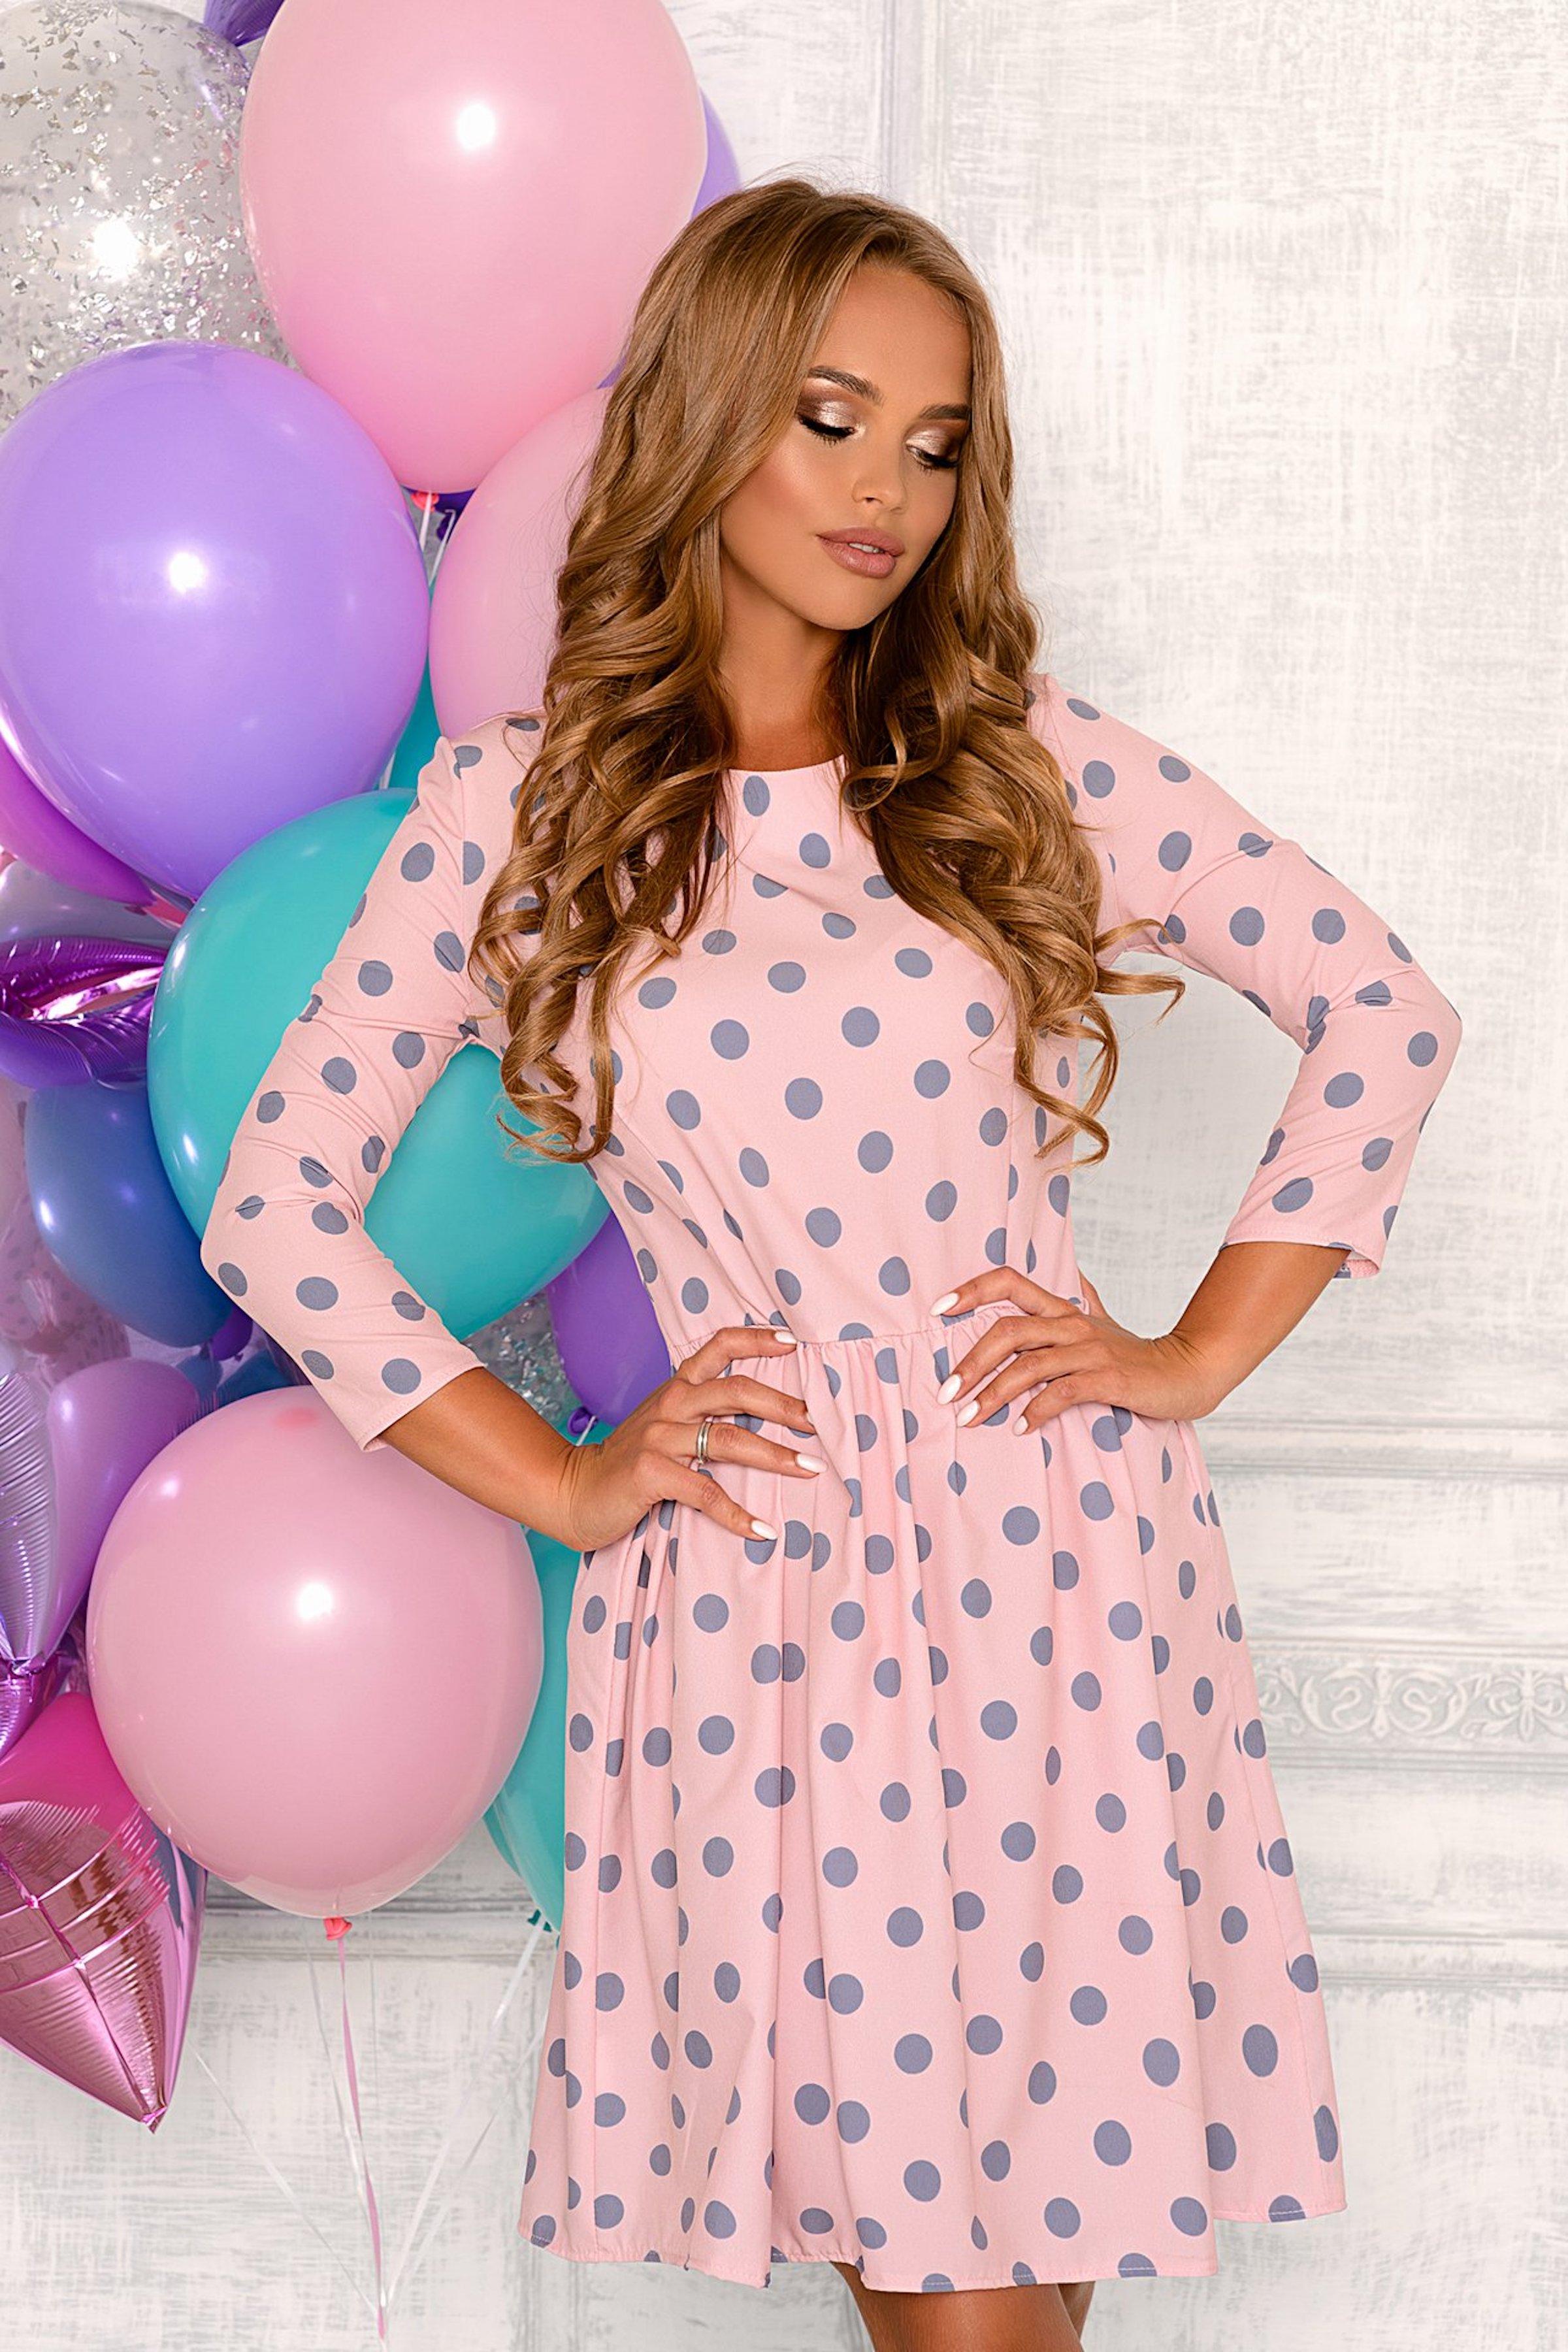 d88fe209adc Розовое платье в горошек Open-Style арт. 8002 купить в интернет-магазине  KOKETTE